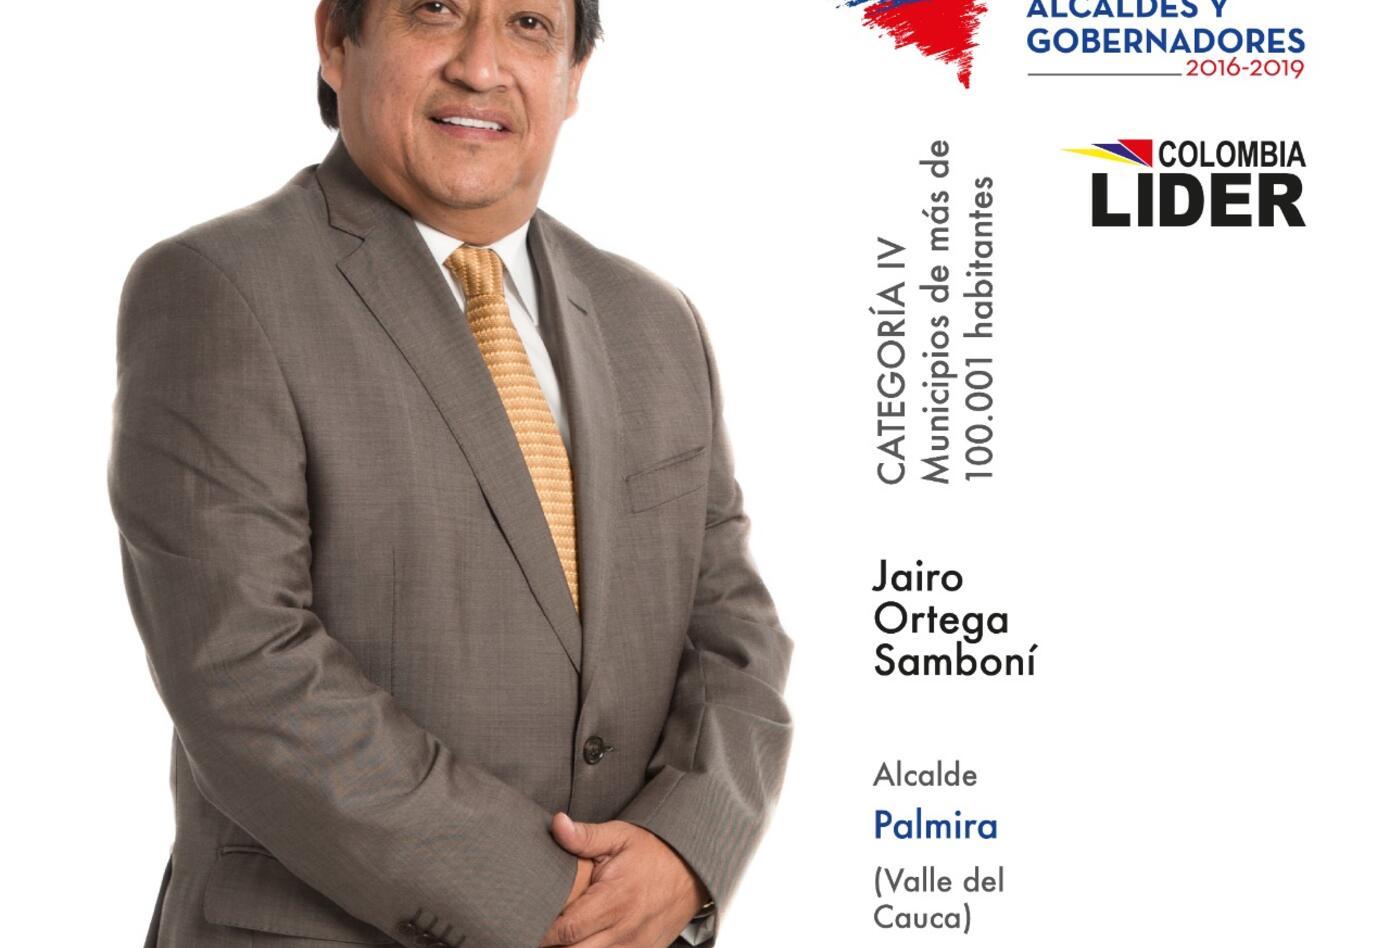 Colombia Líder